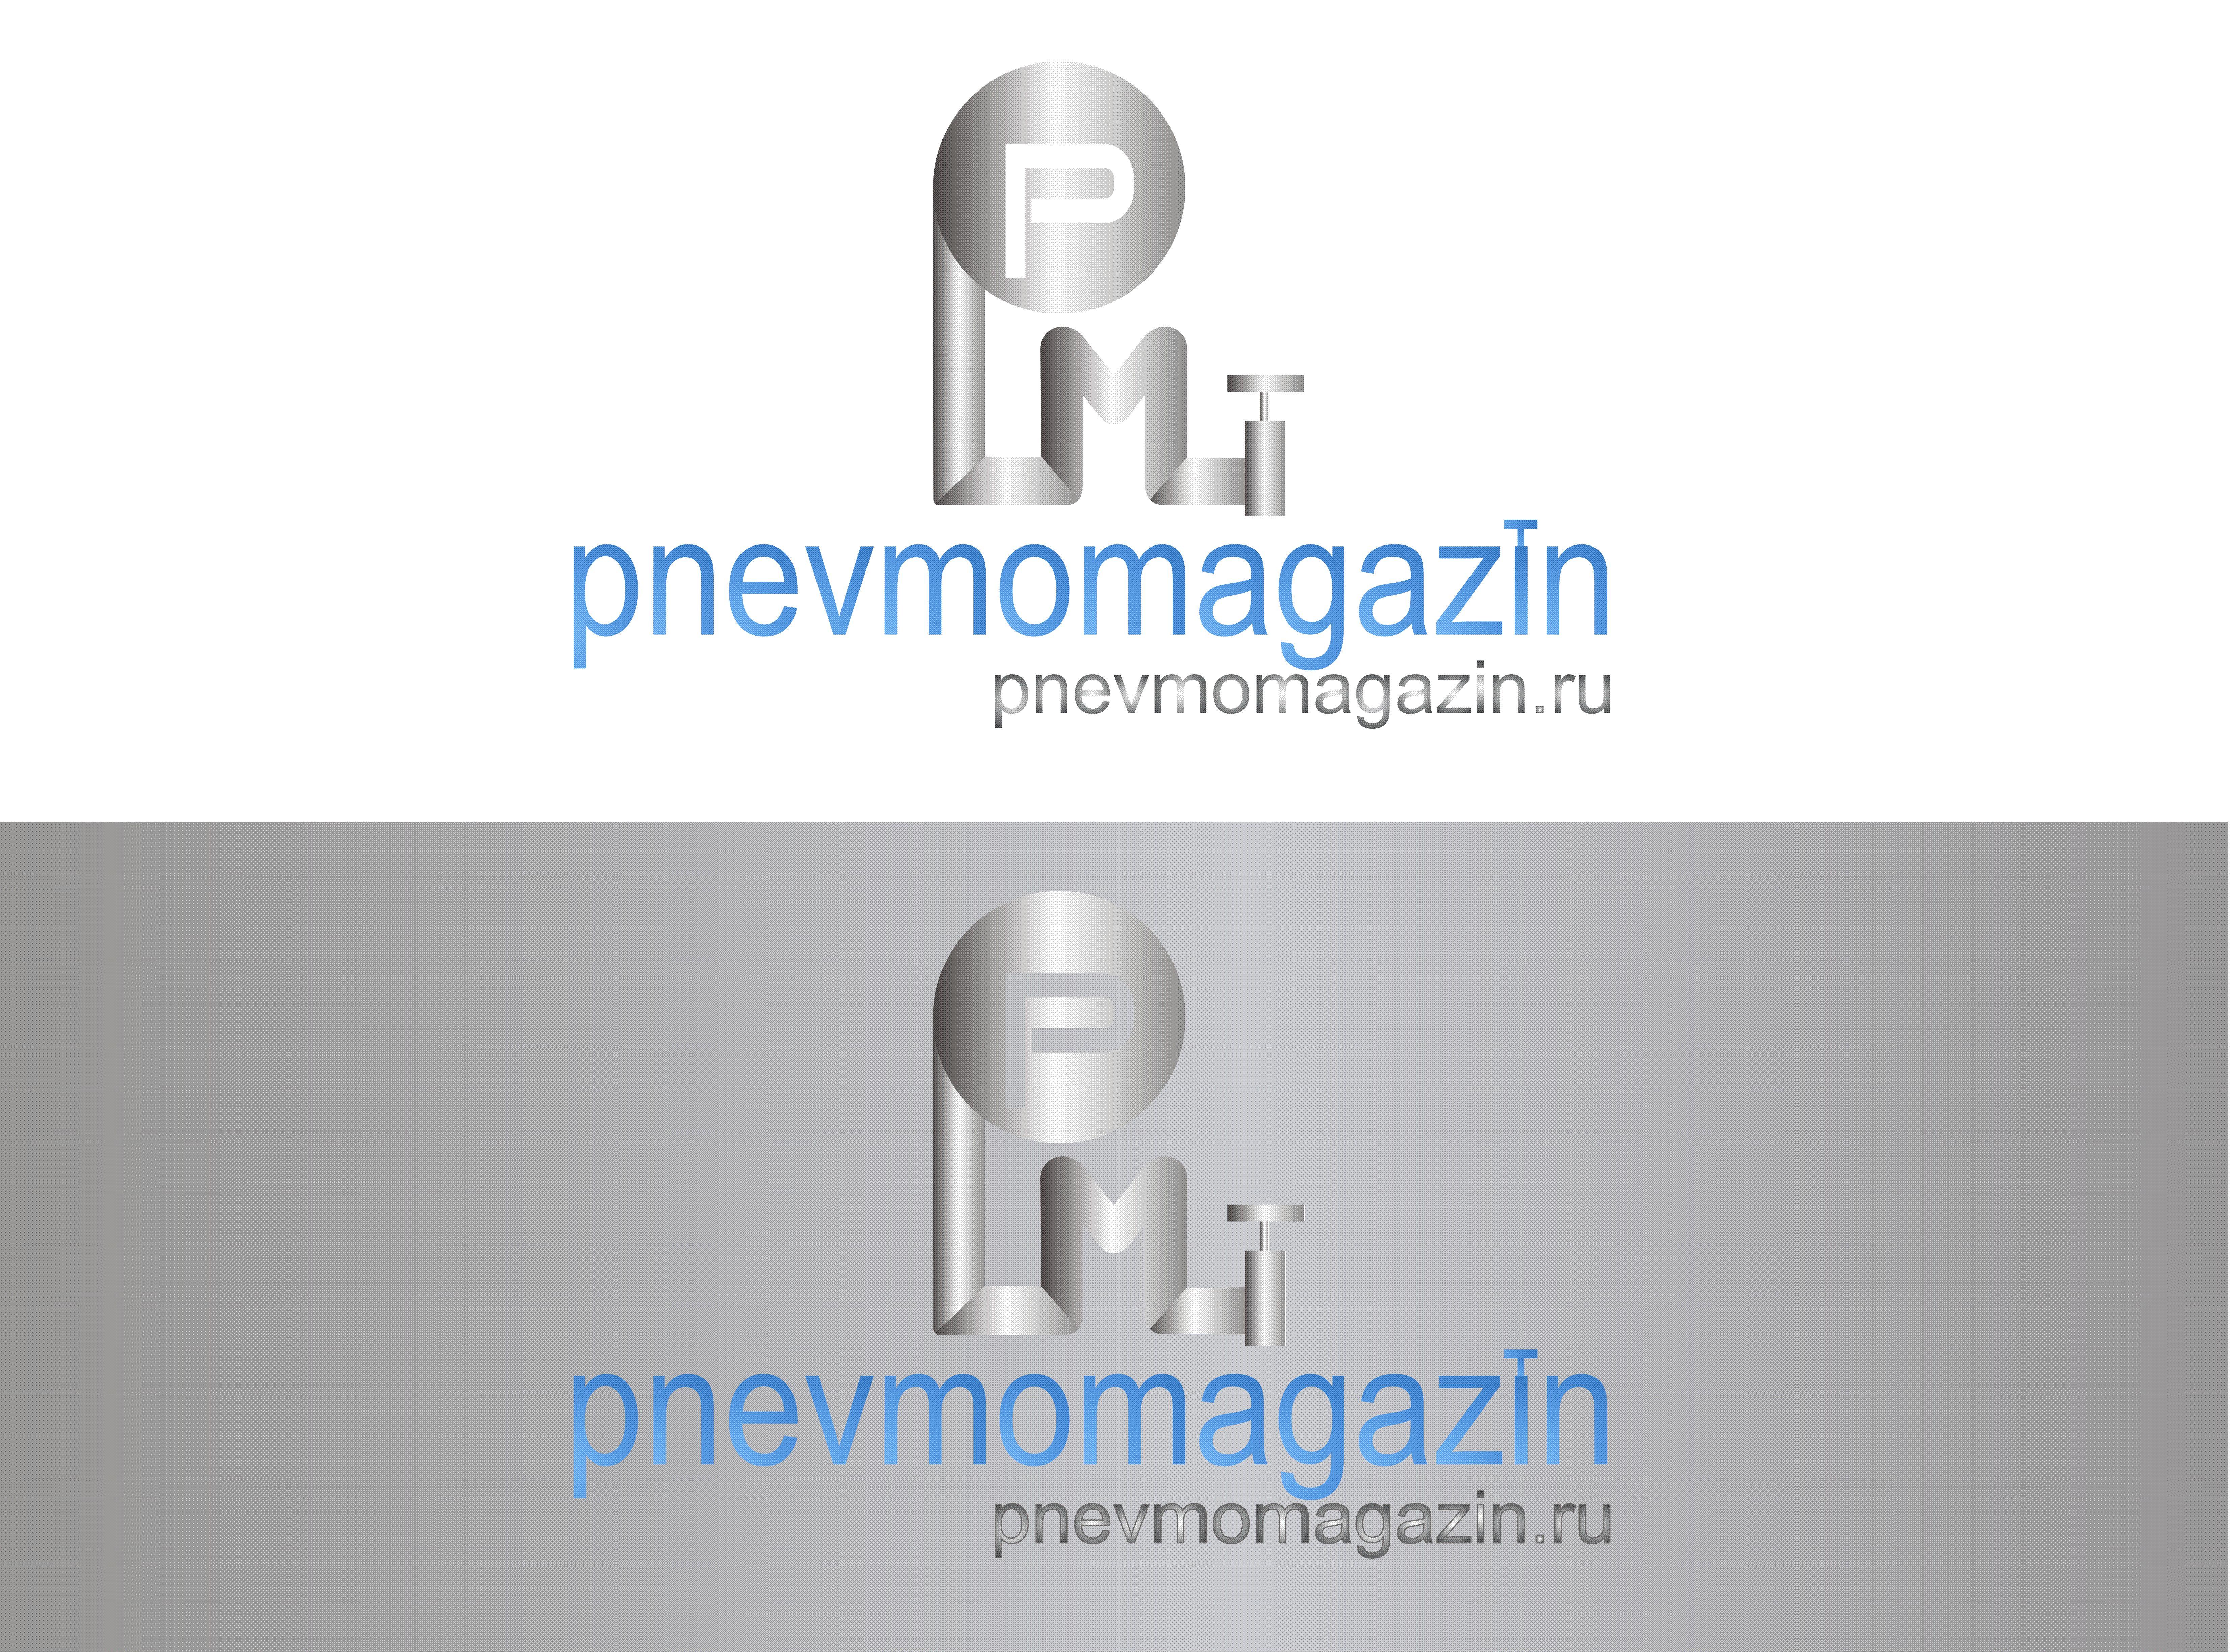 Логотип для магазина компрессорного оборудования - дизайнер markosov